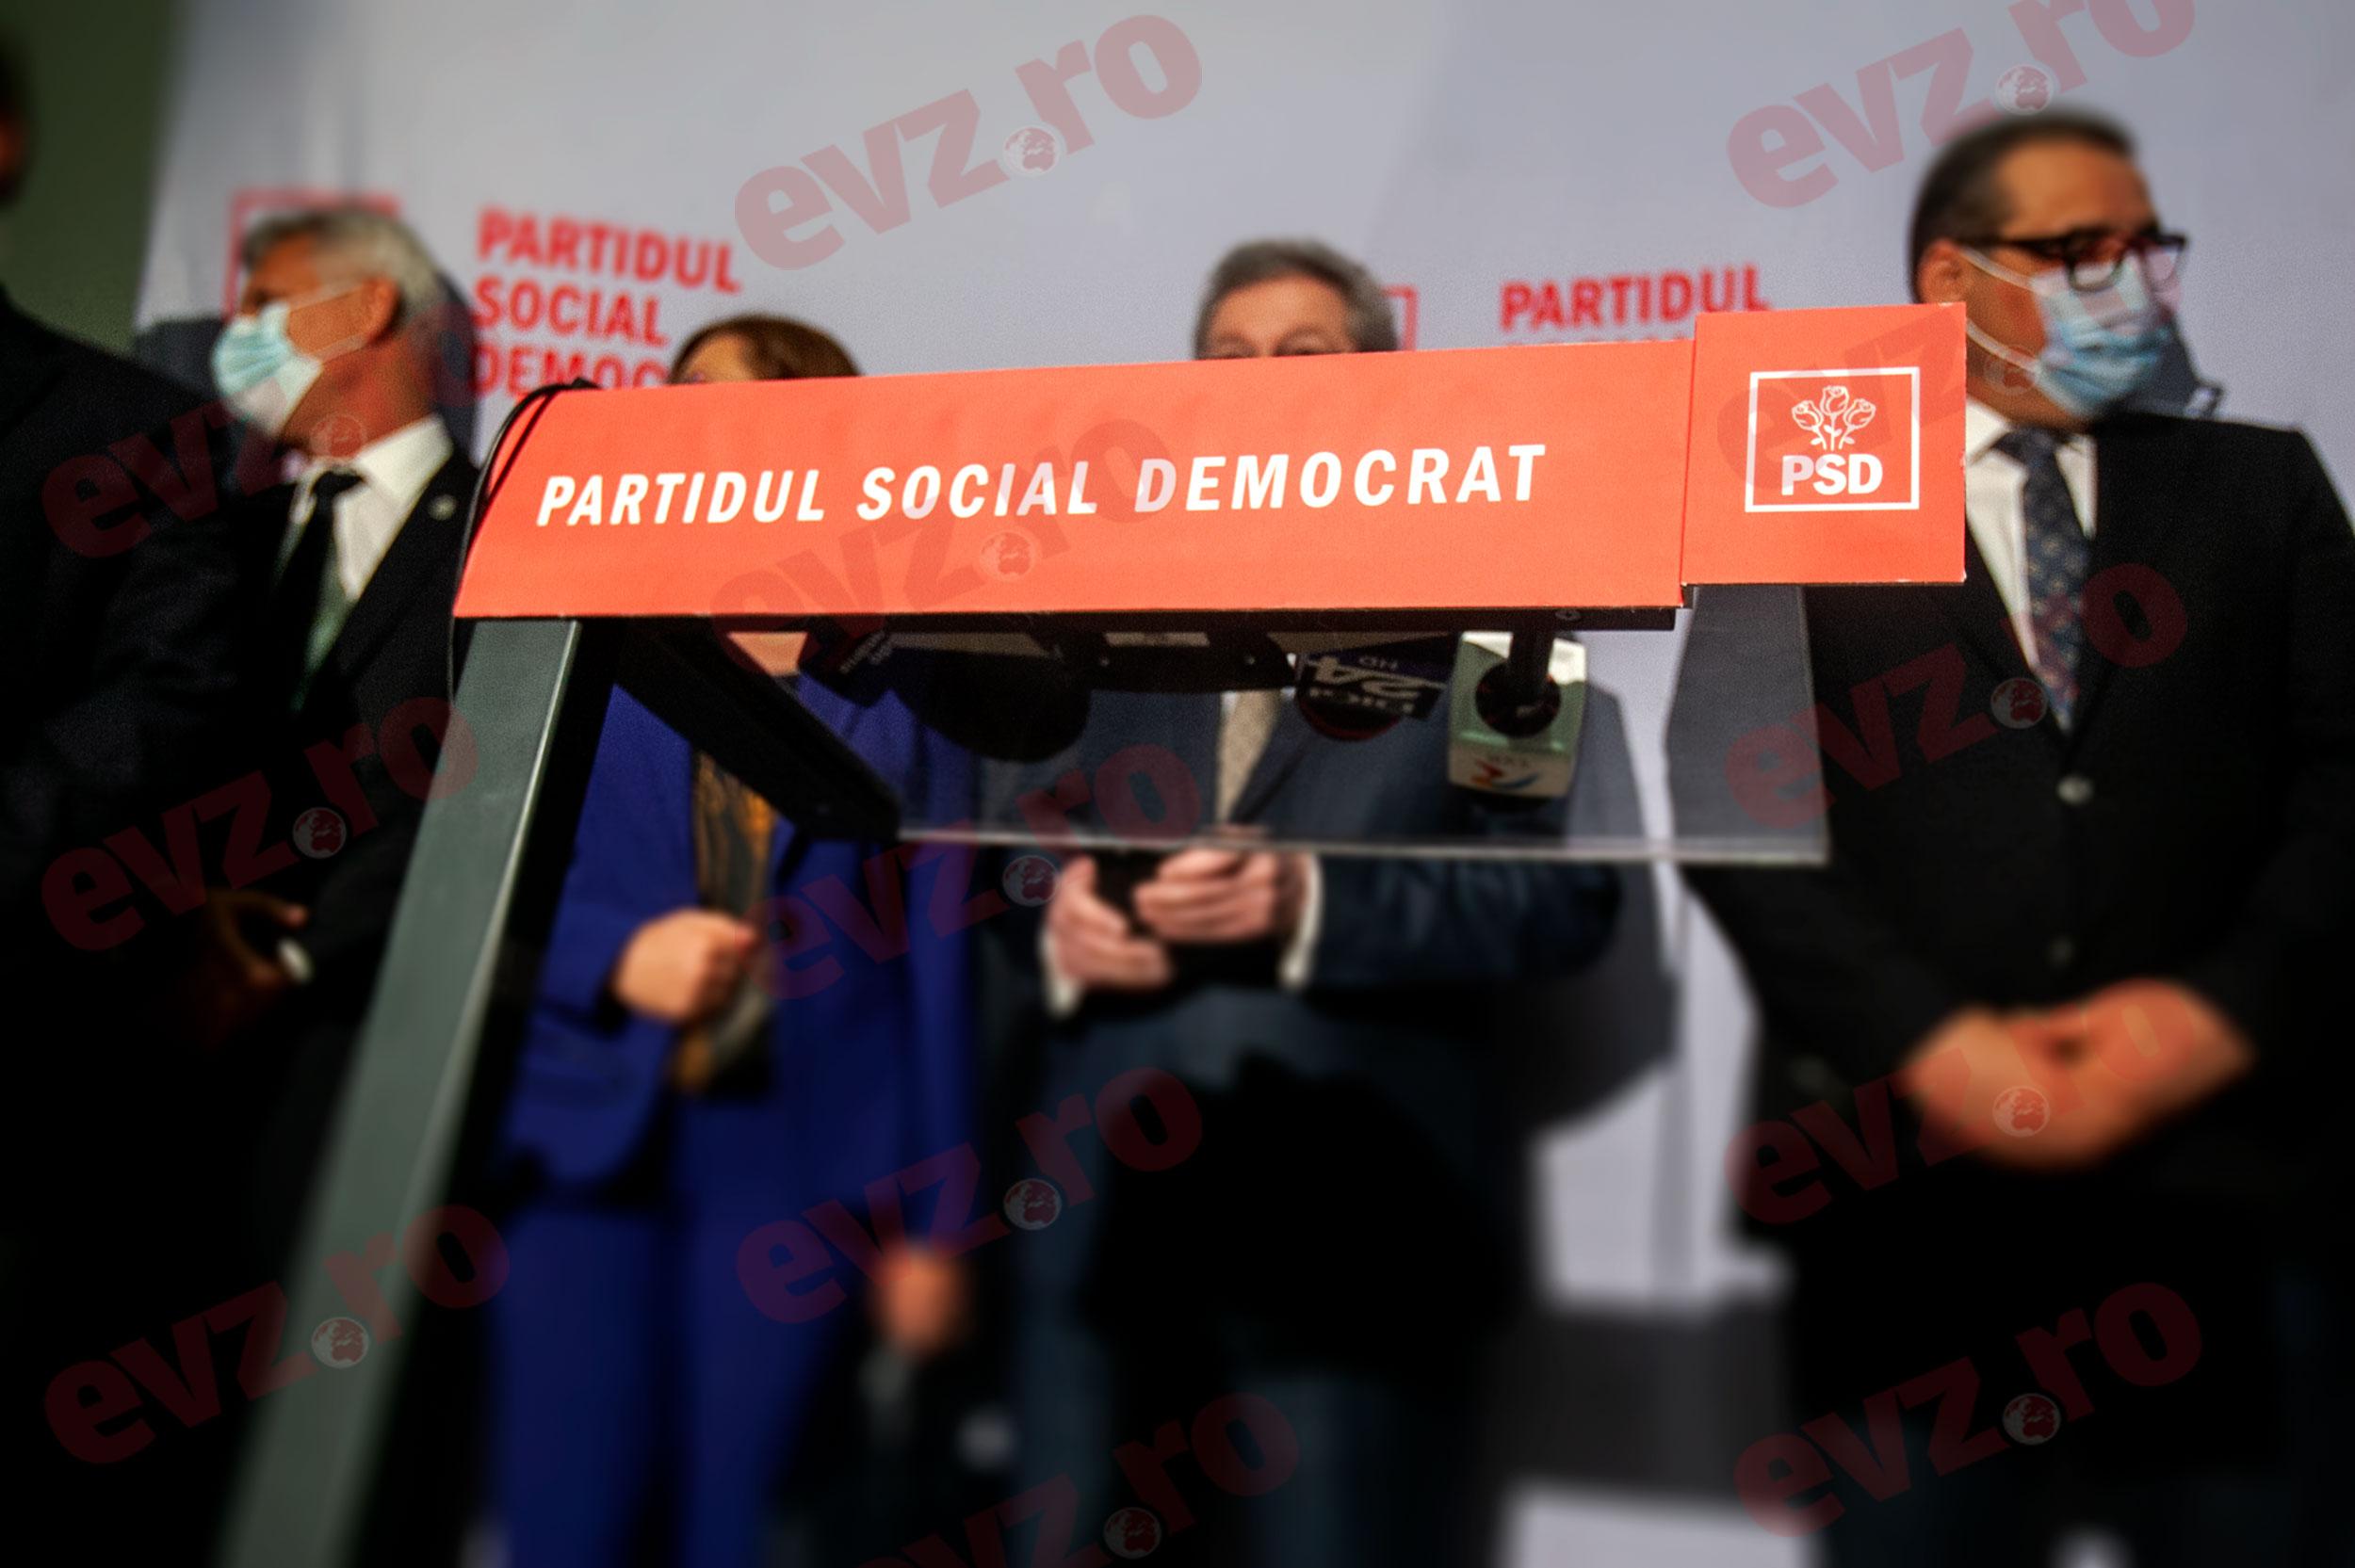 Cel mai dureros anunț vine de la PSD! Iar Marcel Ciolacu ridică din umeri